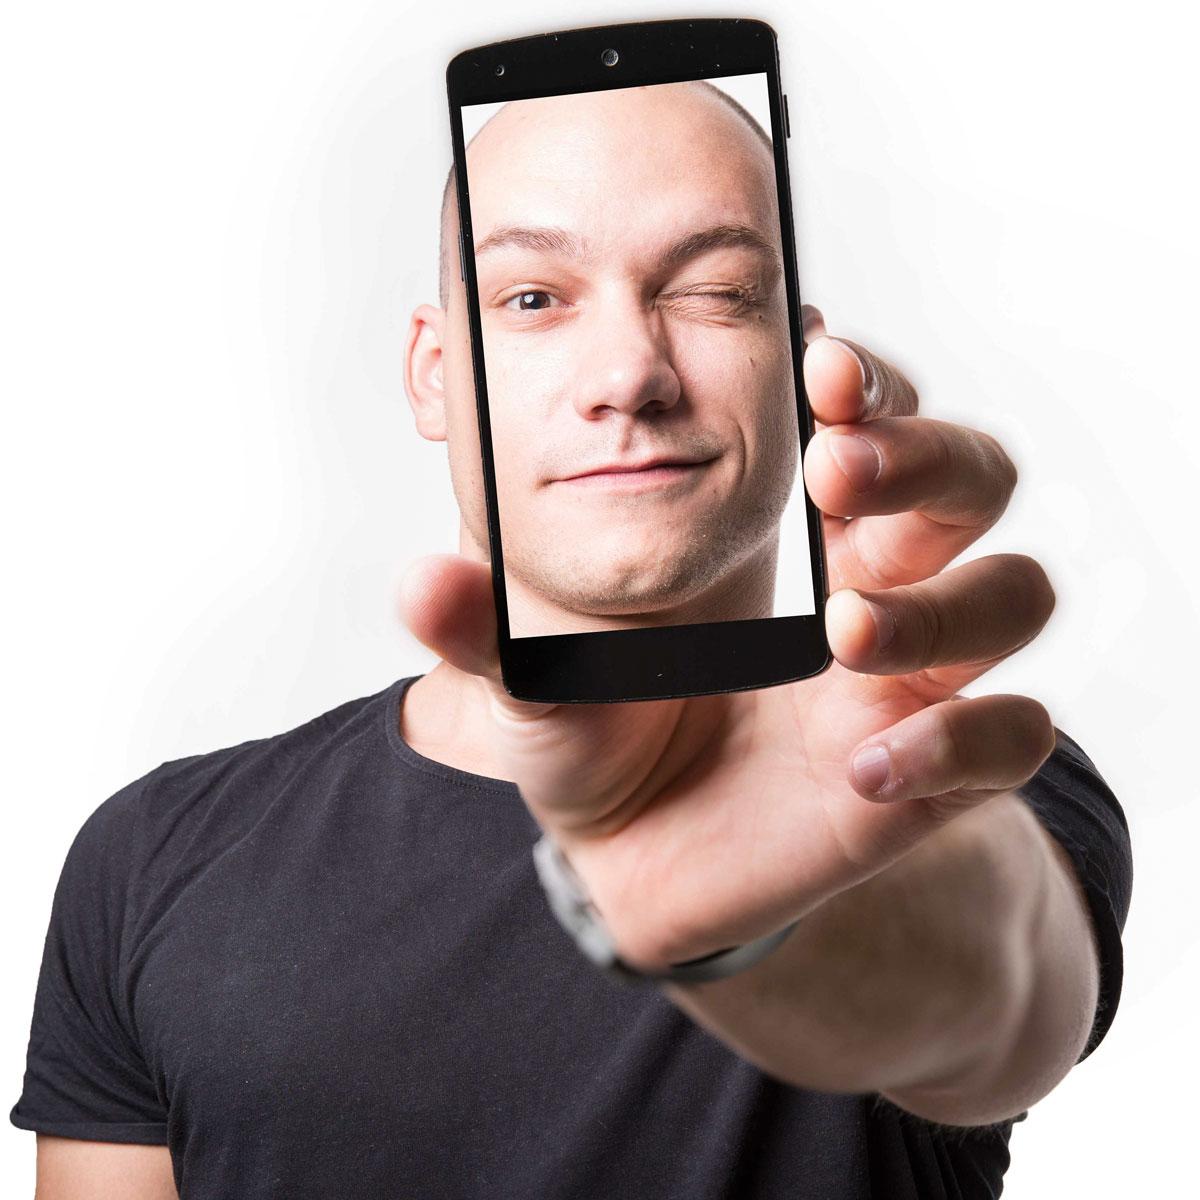 Imagefotografie von Mitarbeiter mit Handy